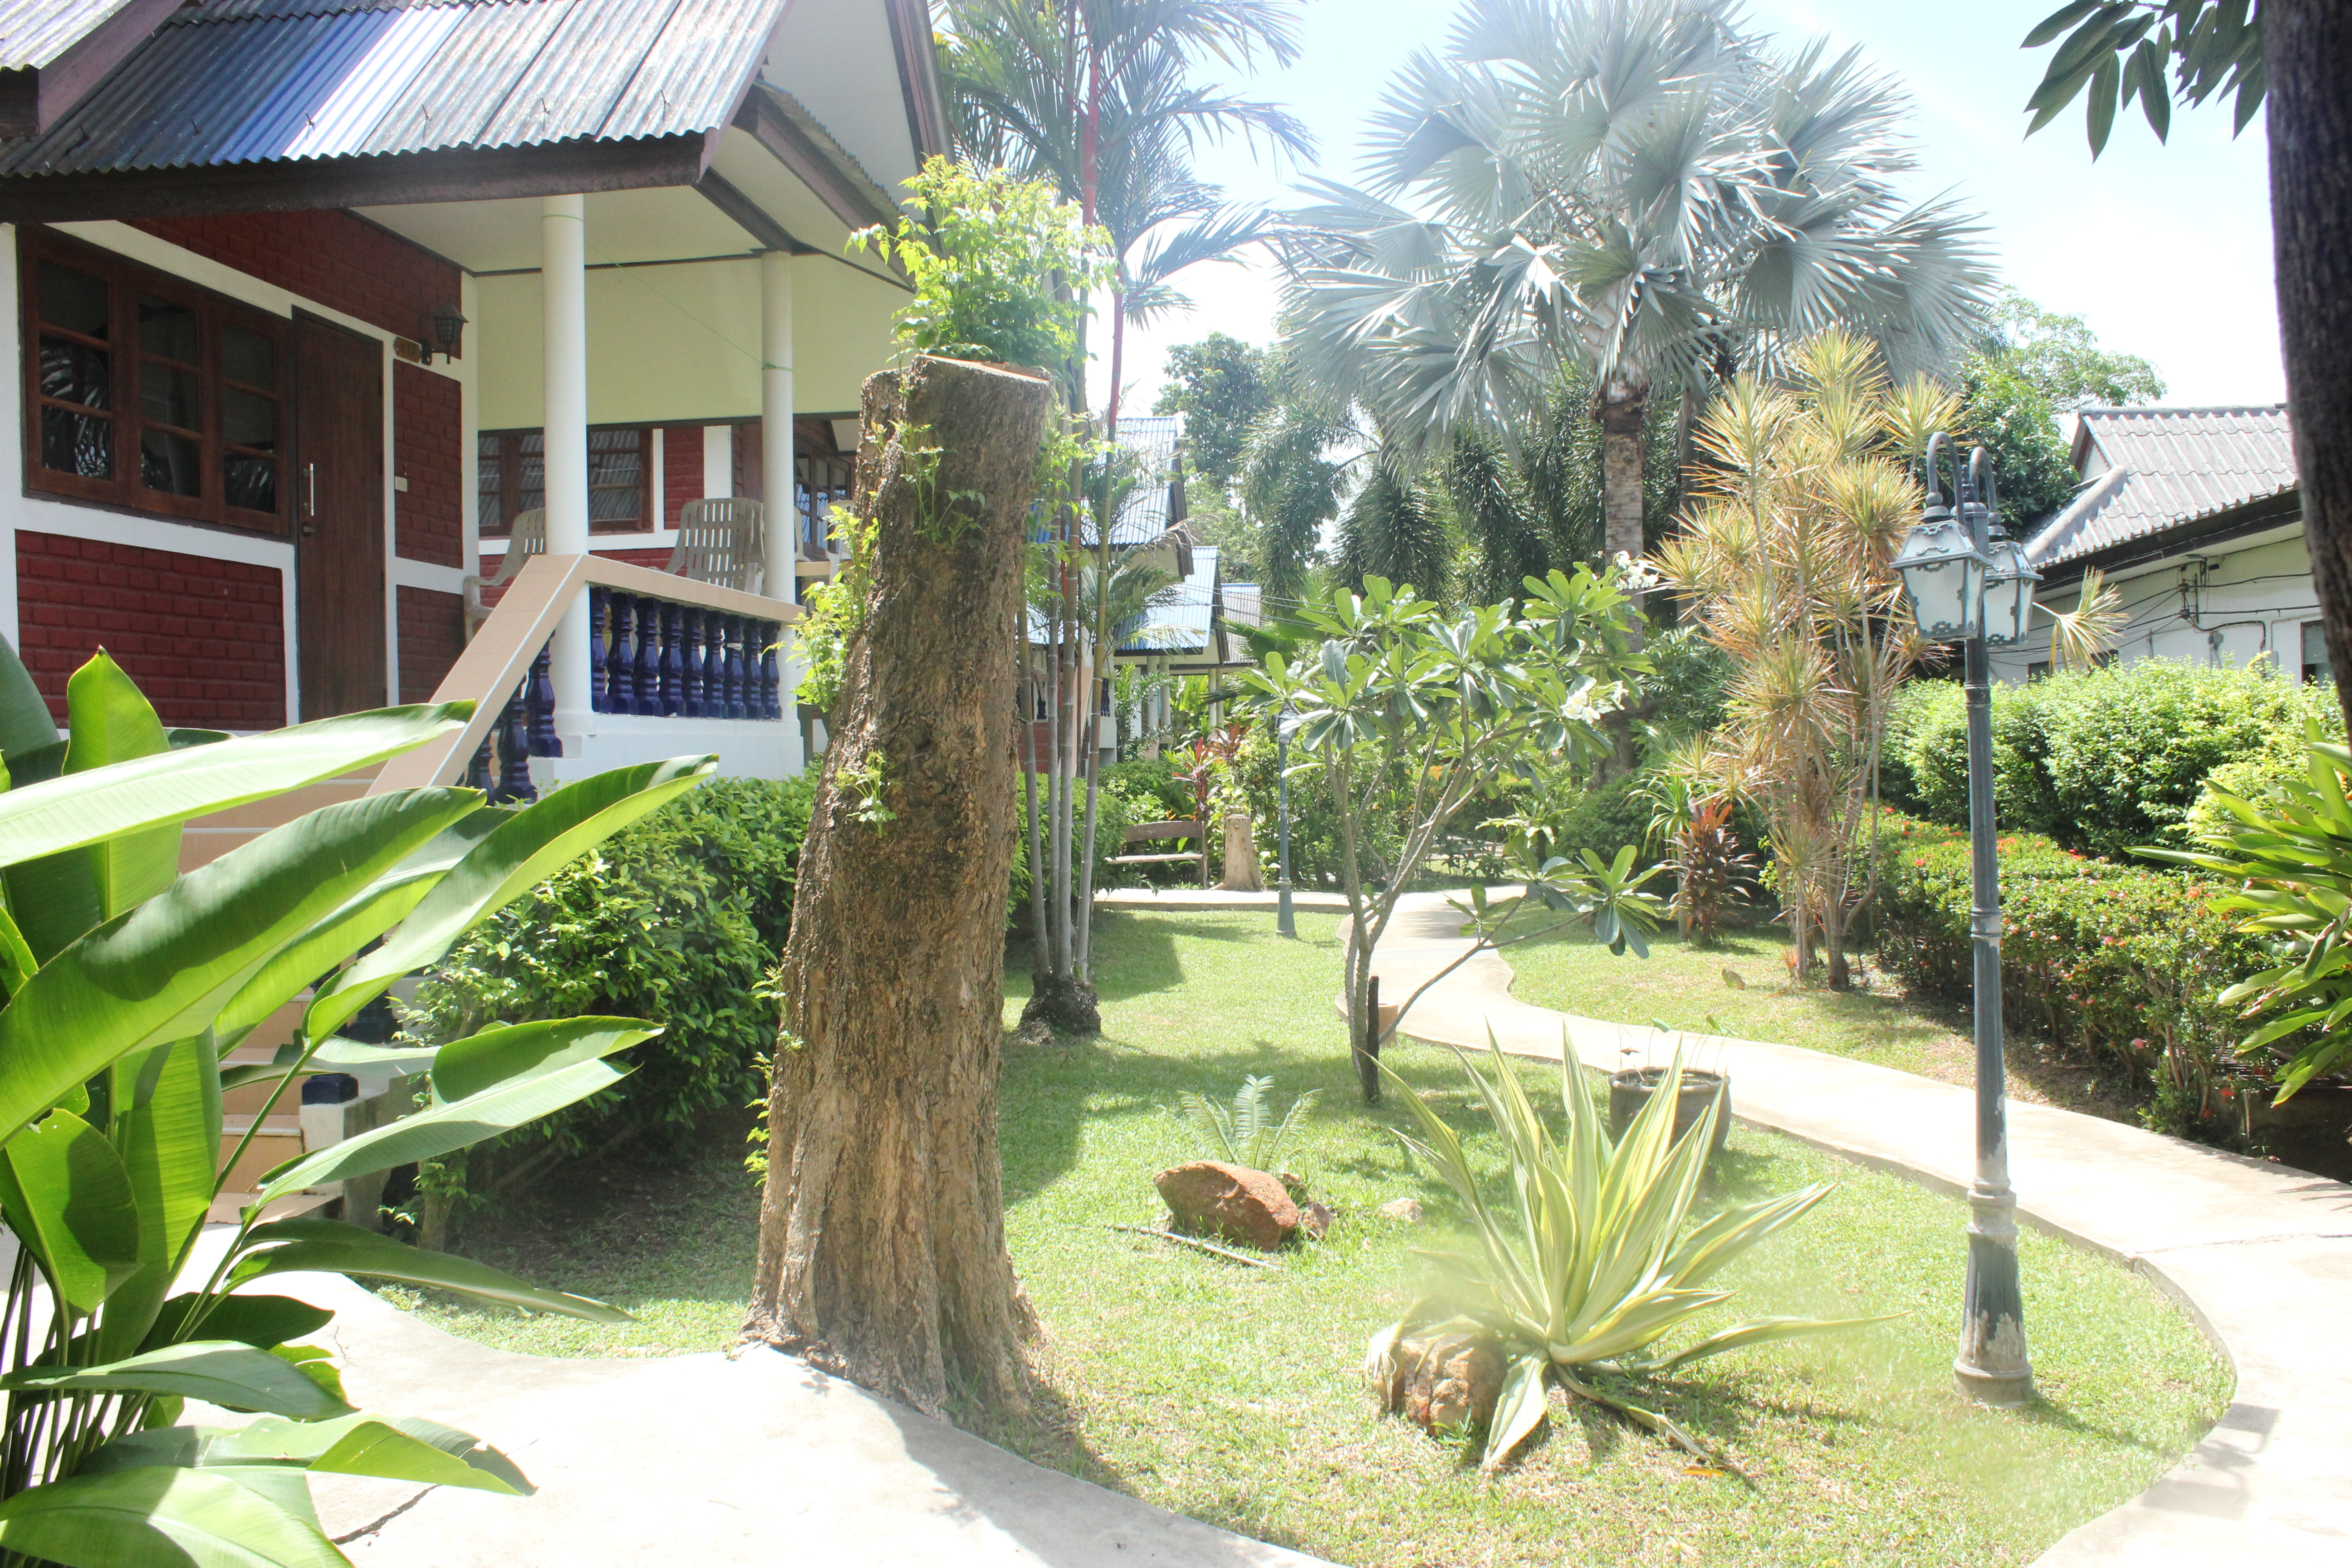 Image du jardin du Baan Room Mai Resort